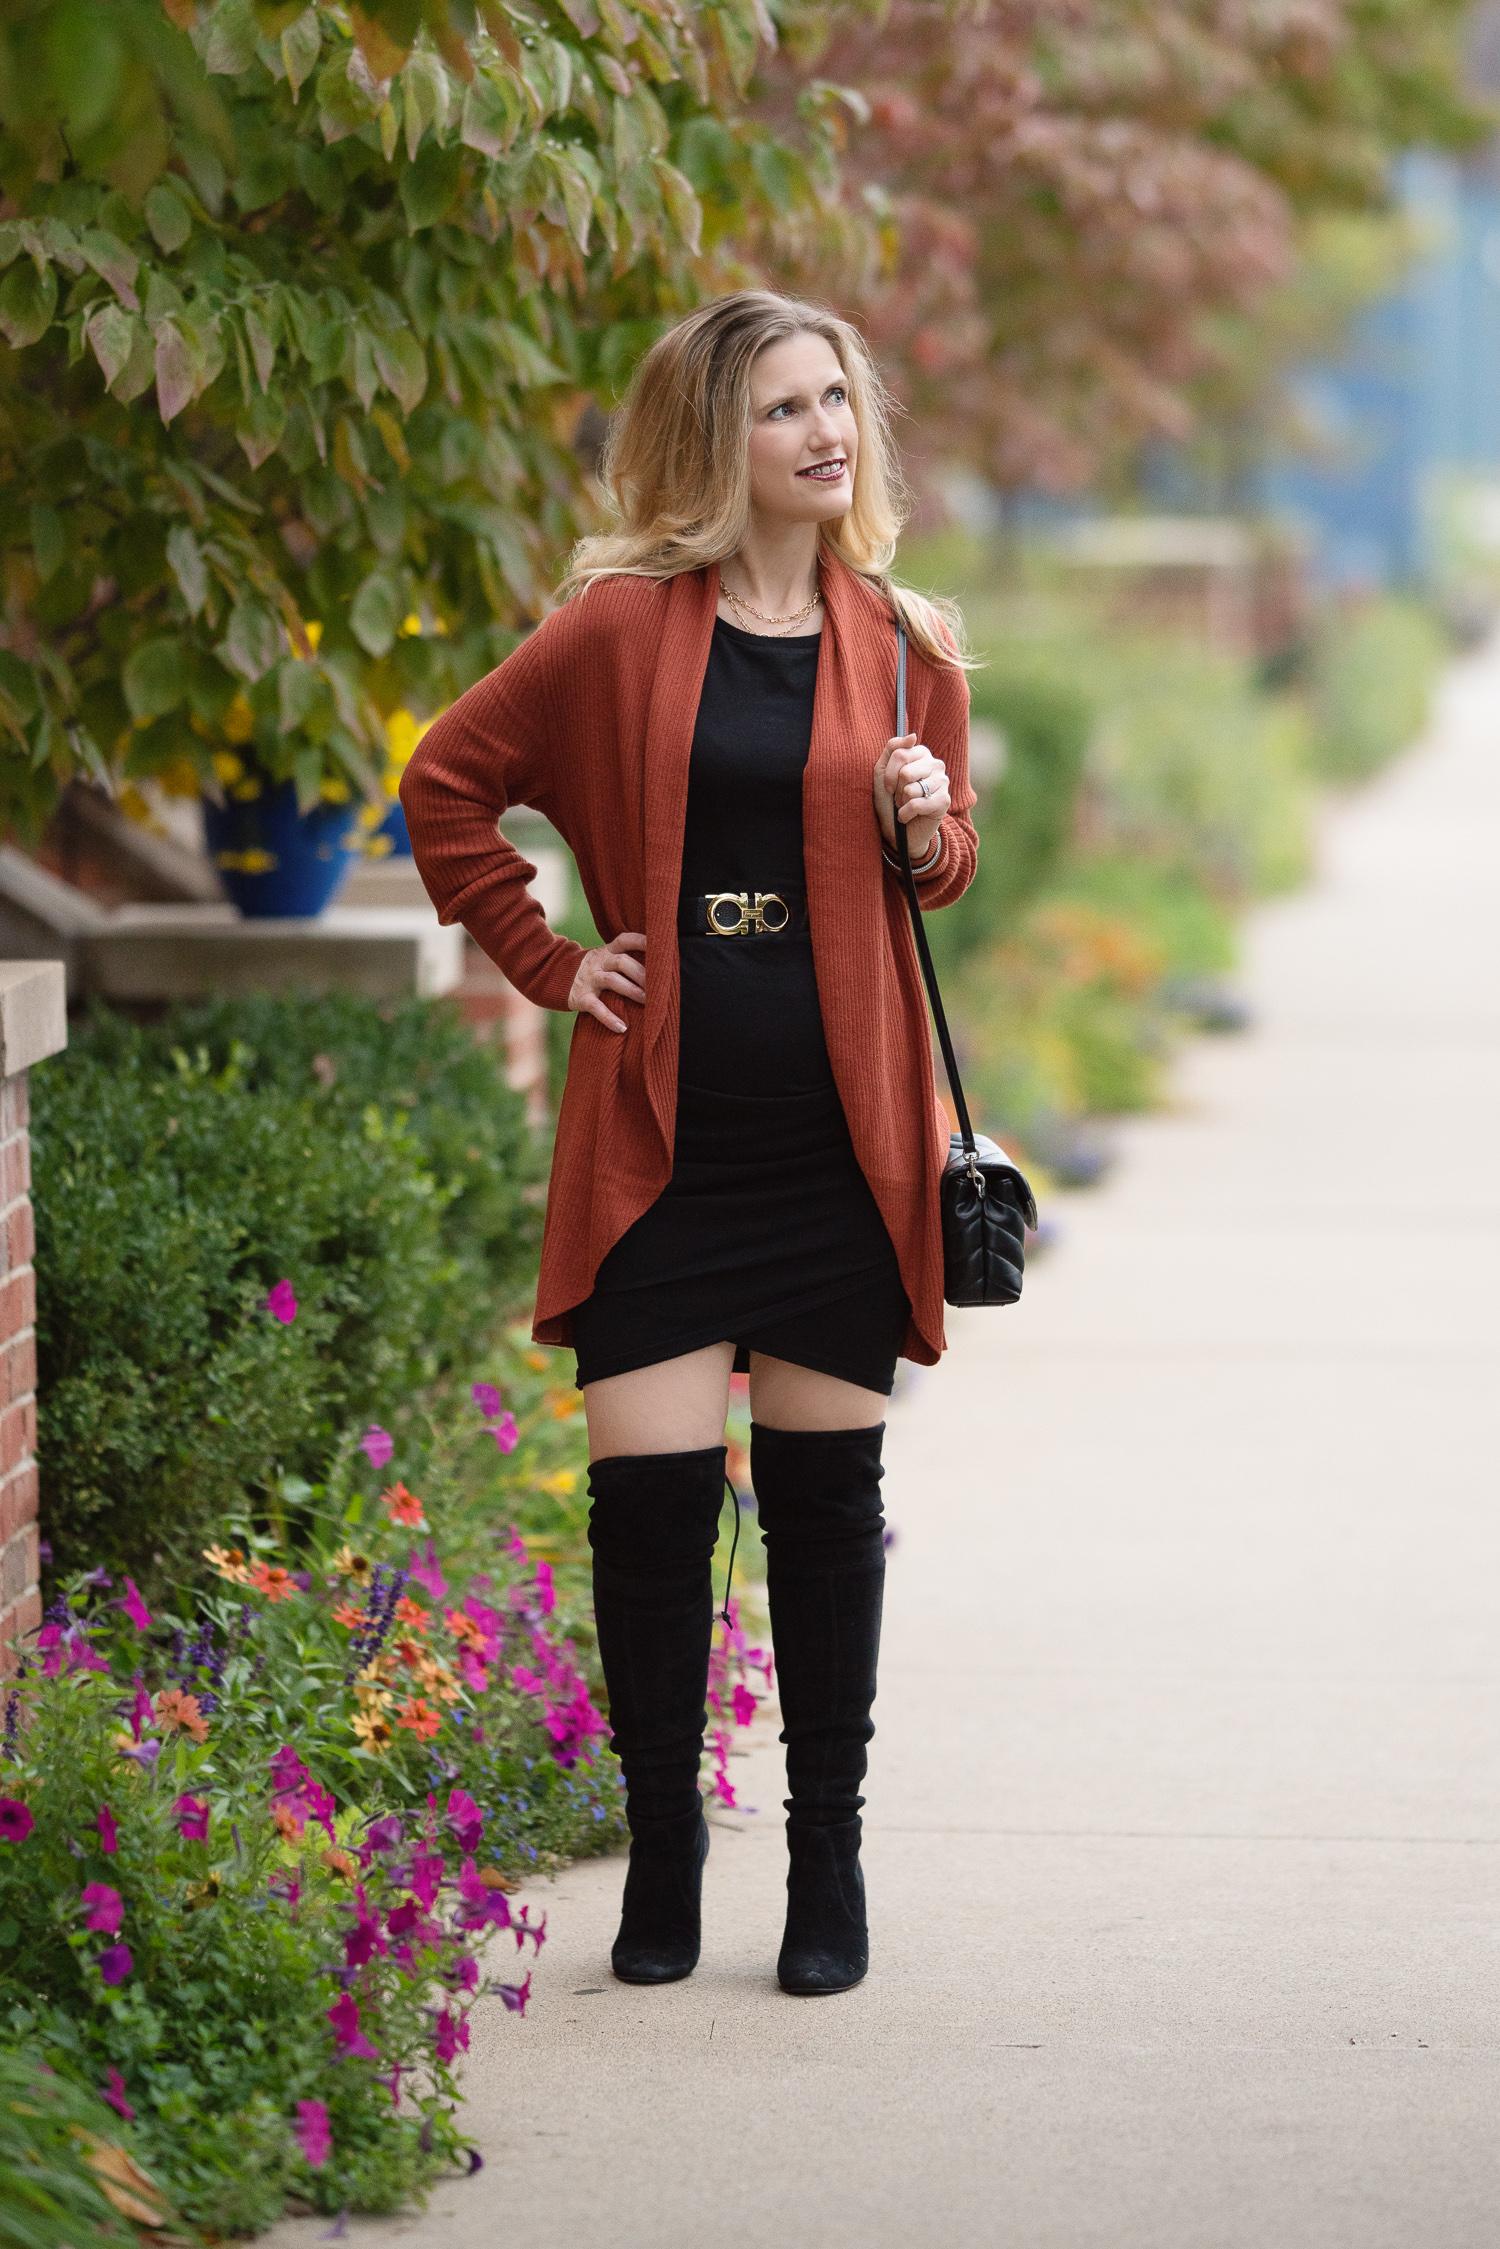 0617b25f6b5 Petite Fashion and Style Blog